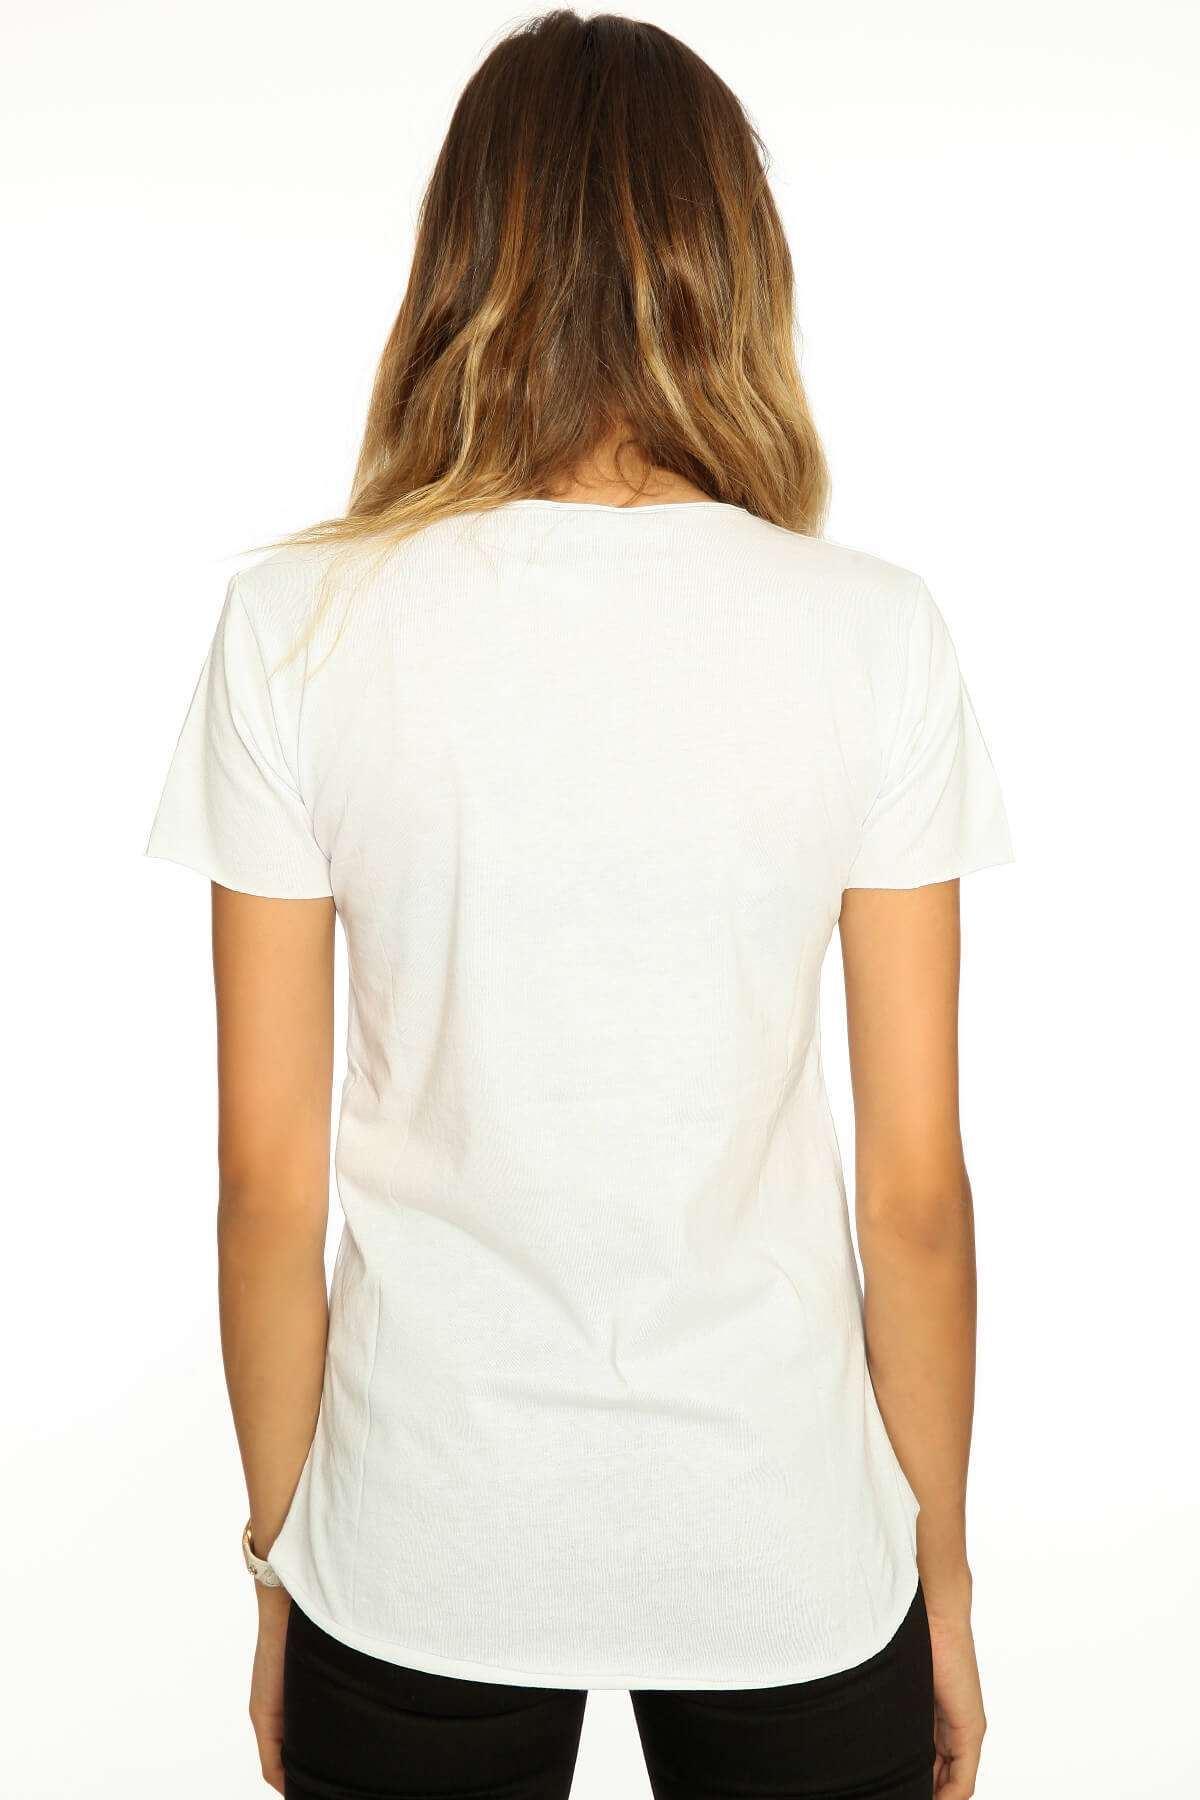 Renkli Yazı Detaylı Baskılı Tişört Beyaz